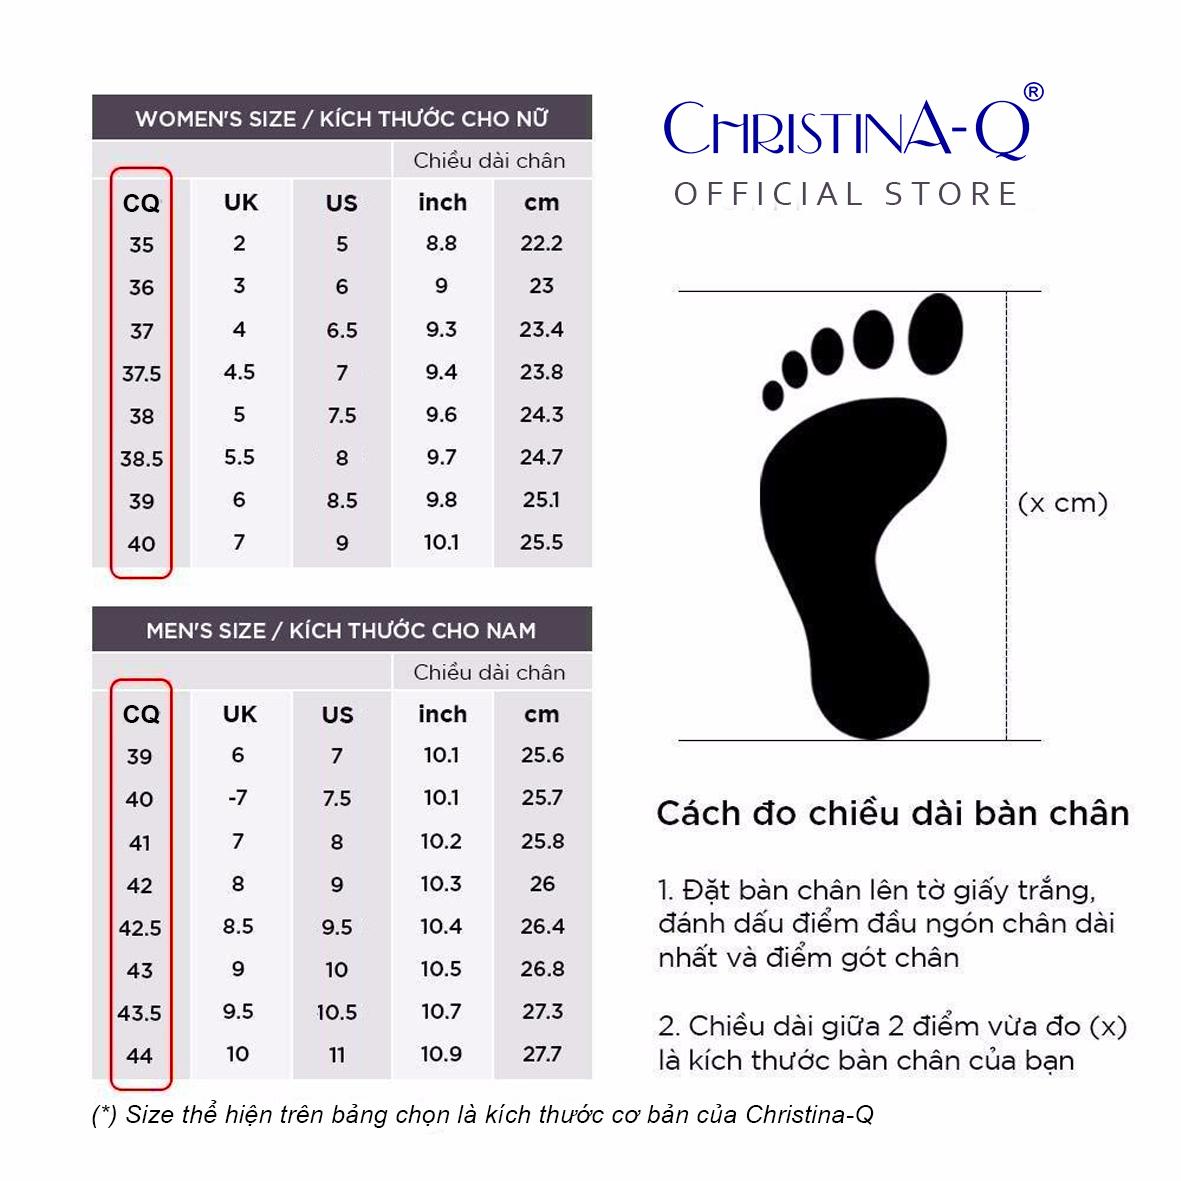 Hướng dẫn chọn size Christina-Q